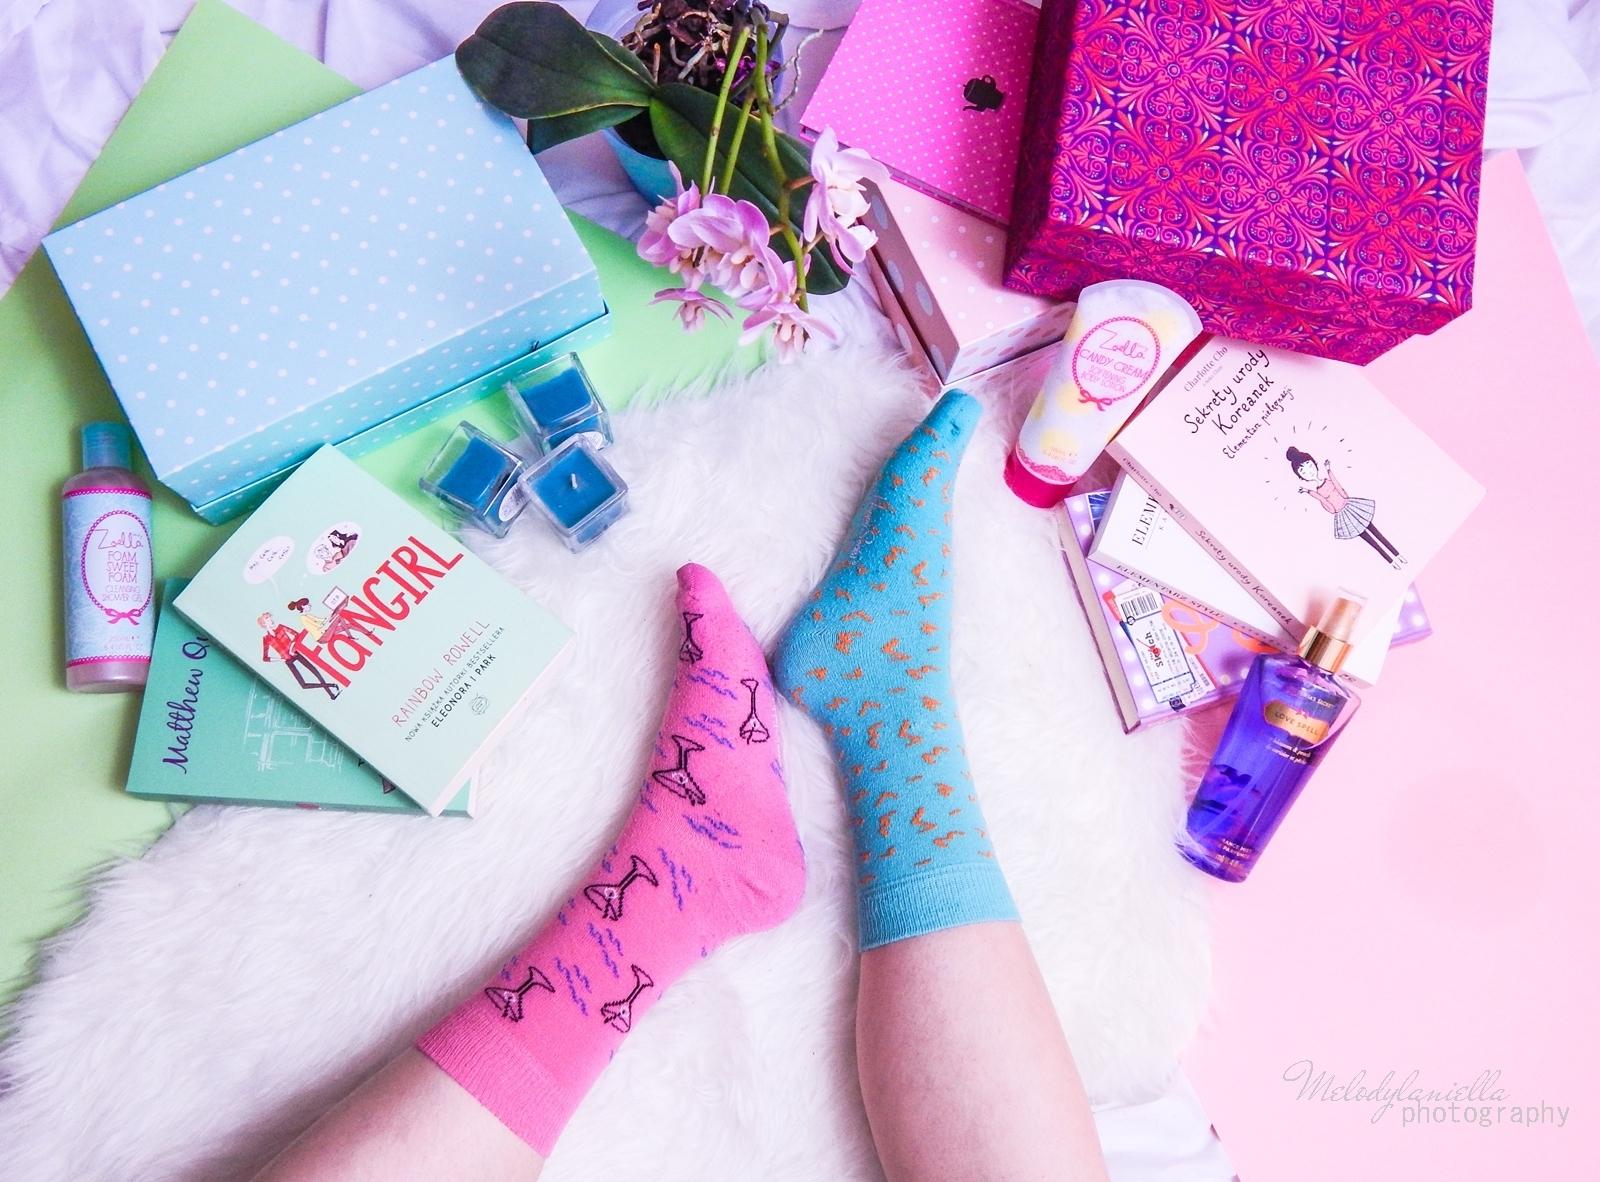 7 HappySocks Happy Socks Sweden ciekawe kolorowe skarpetki melodylaniella pomysły na prezent ciekawe dodatki do stylizacji skarpety we wzory wzorki skarpetki dla chłopaka skarpetki dla dziewczyny moda